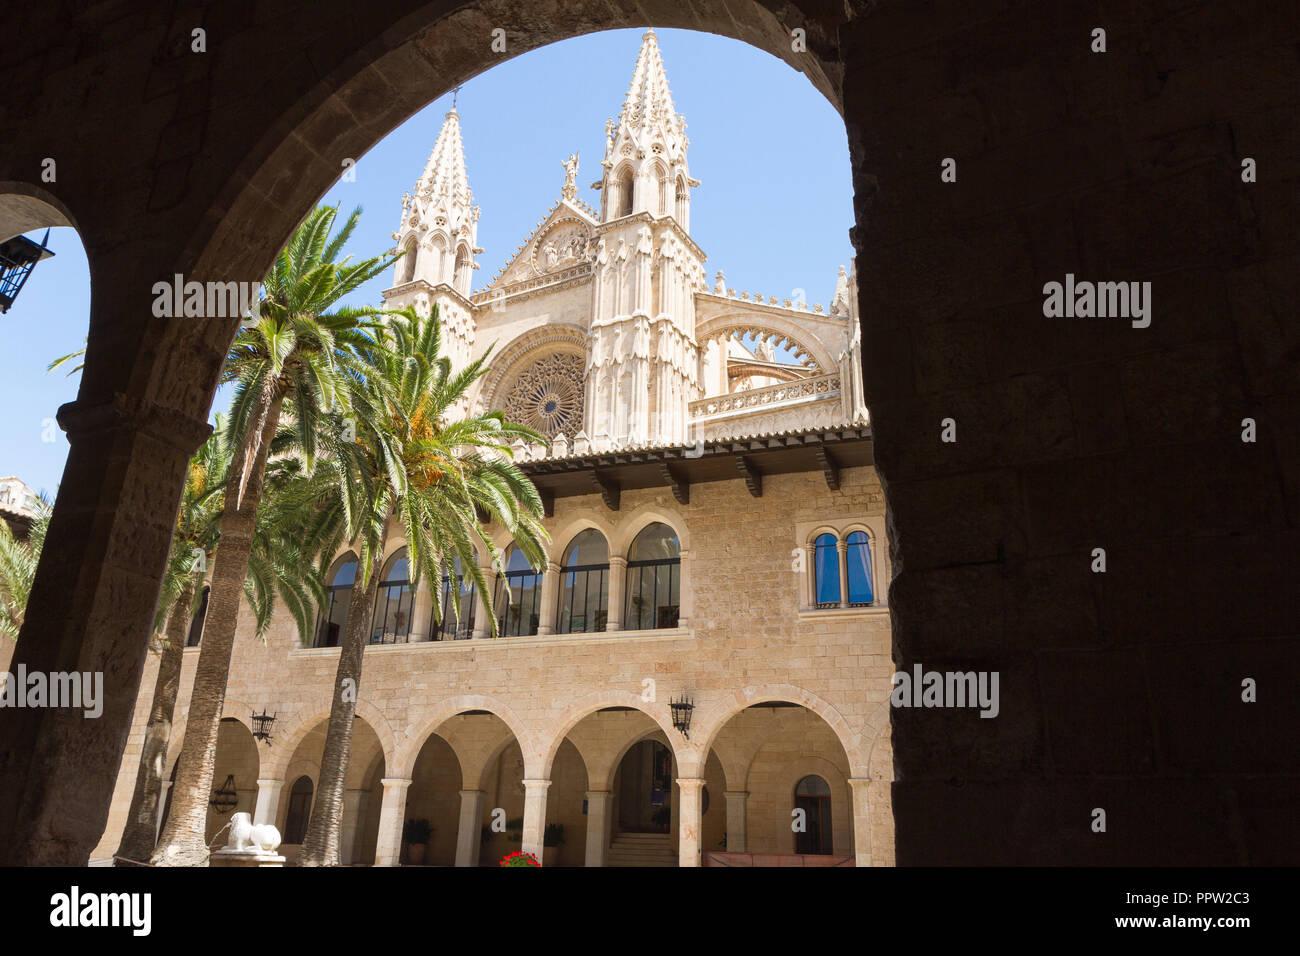 Almudaina Palast Außenansicht mit Kathedrale La Seu Türme im Hintergrund. Palma de Mallorca, Balearen, Spanien. Reiseziel Stockbild